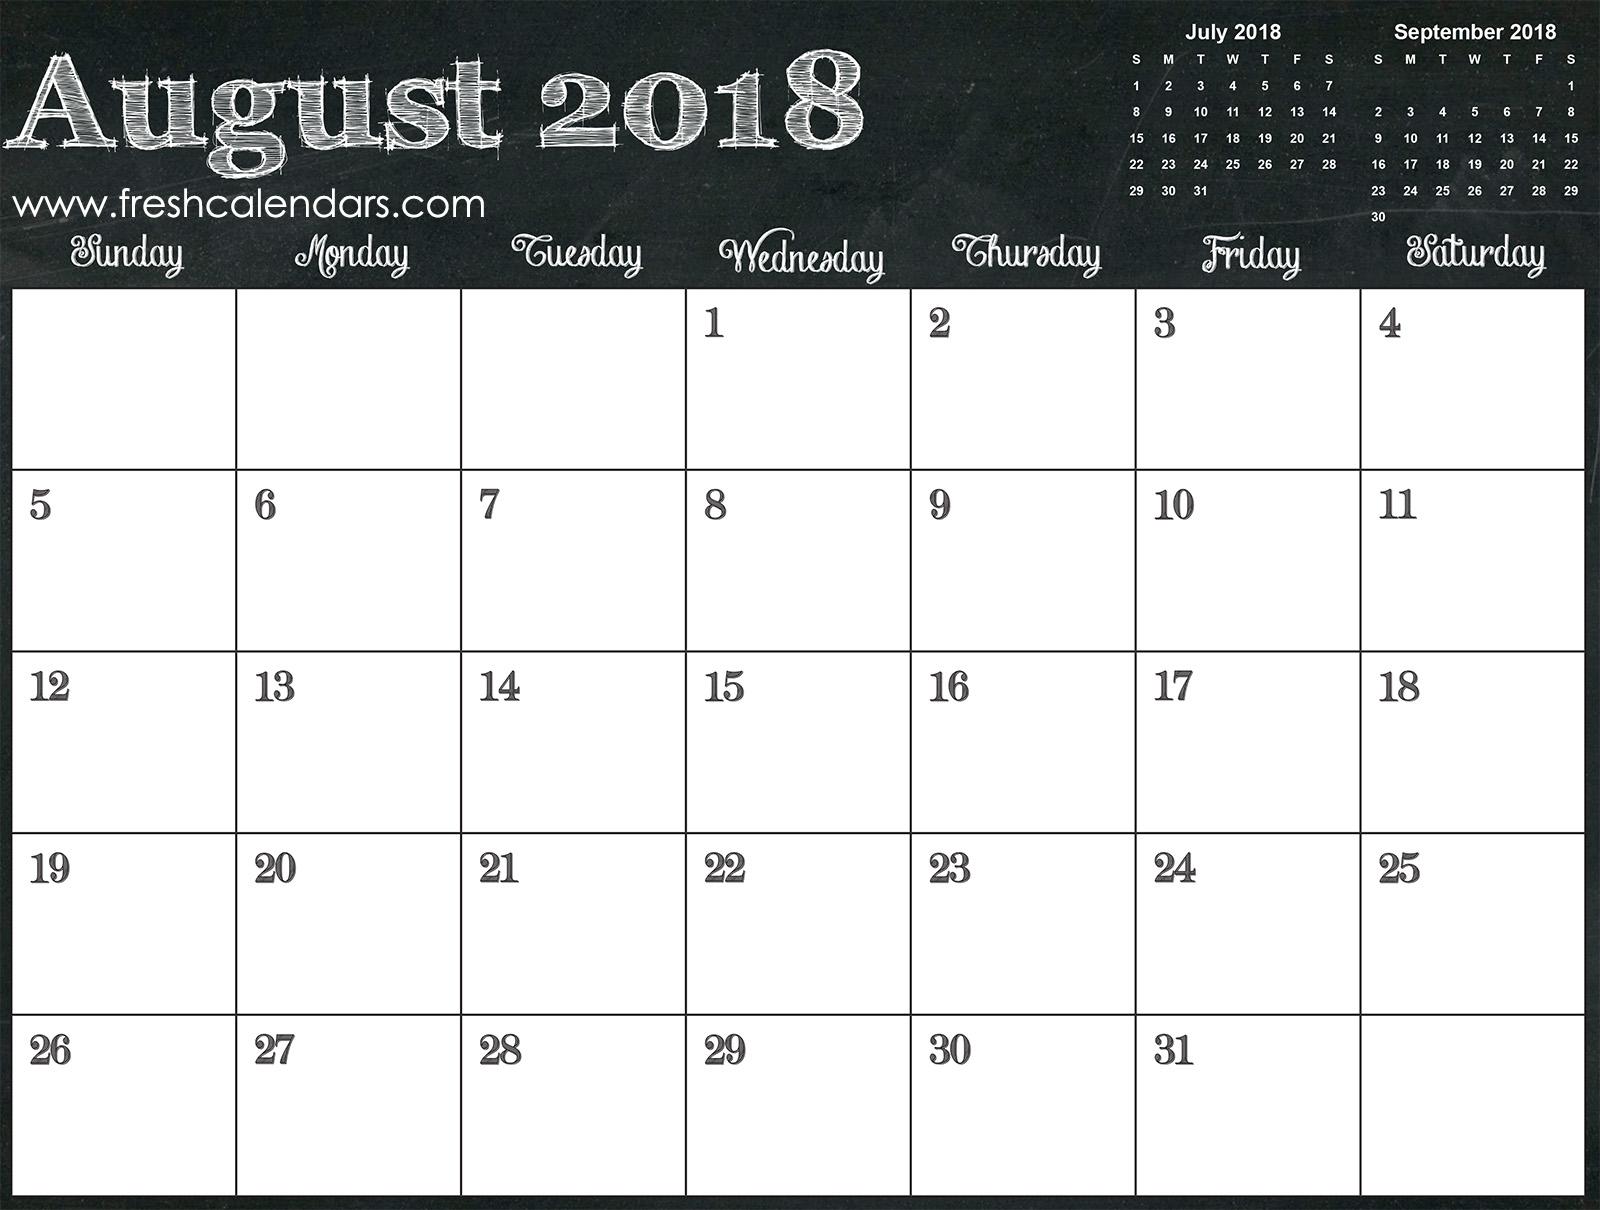 August 2018 Calendar Online Free Templates